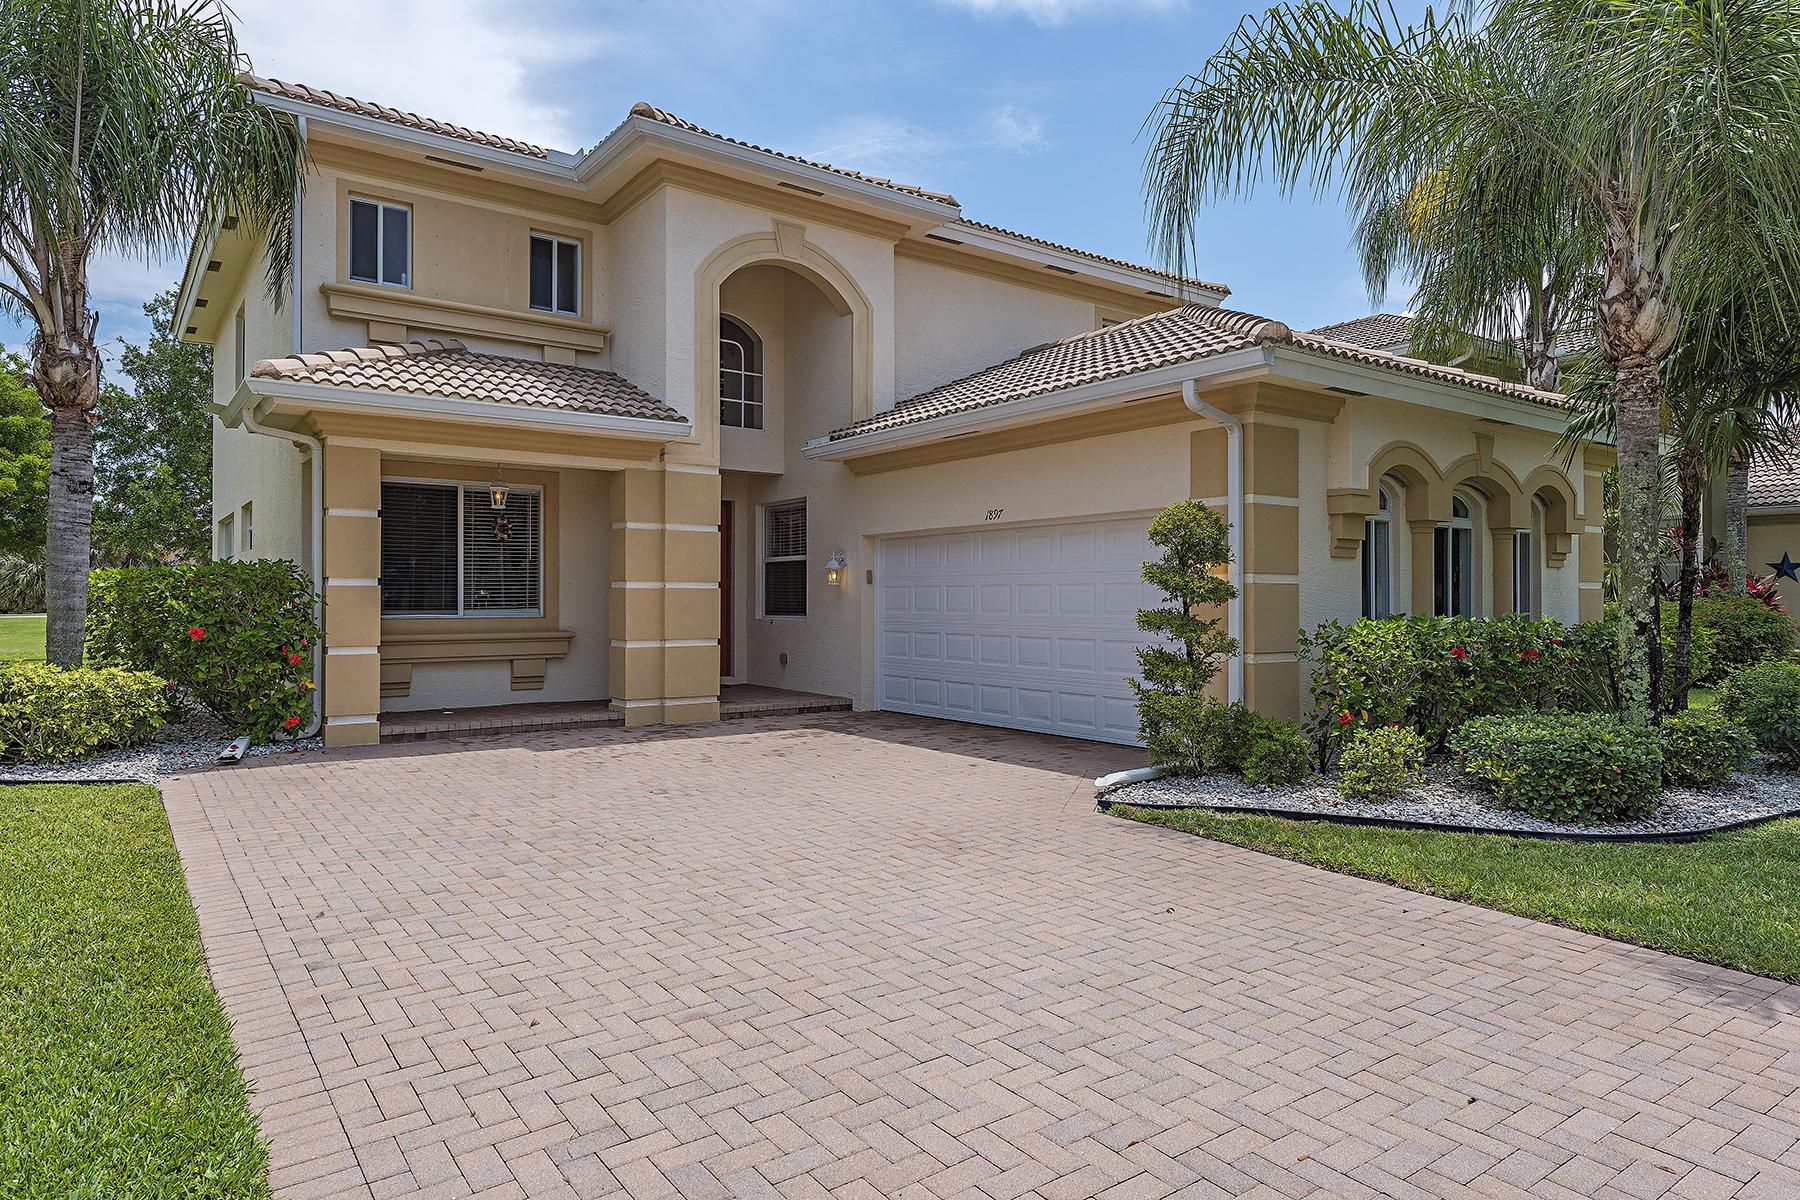 Частный односемейный дом для того Продажа на VALENCIA LAKES - VALENCIA COUNTRY CLUB 1897 Par Dr Naples, Флорида, 34120 Соединенные Штаты